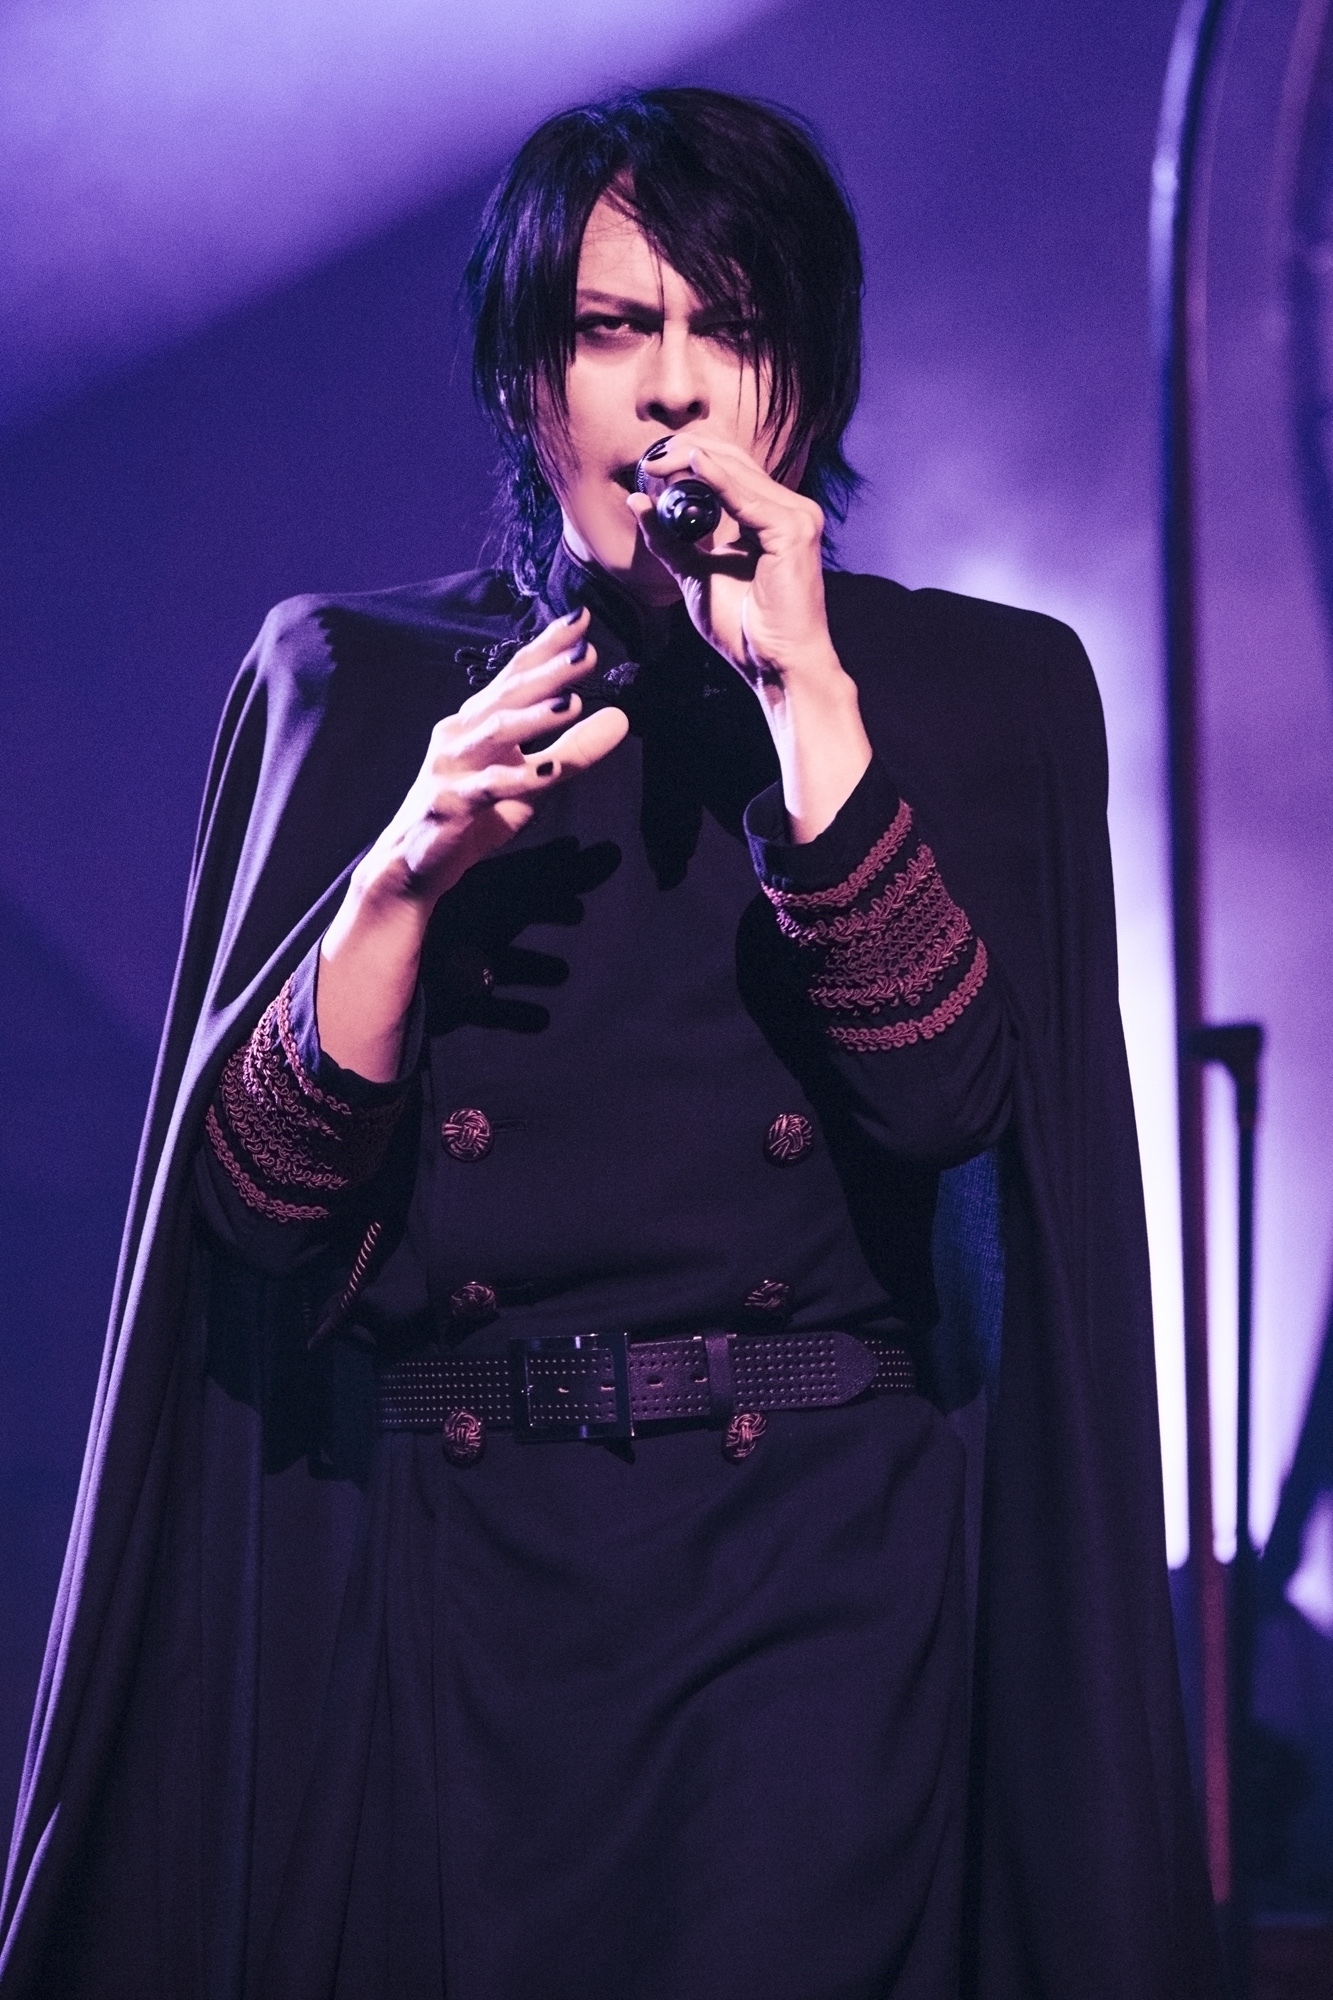 櫻井敦司『BUCK-TICK 2018 TOUR No.0』 撮影=田中聖太郎写真事務所